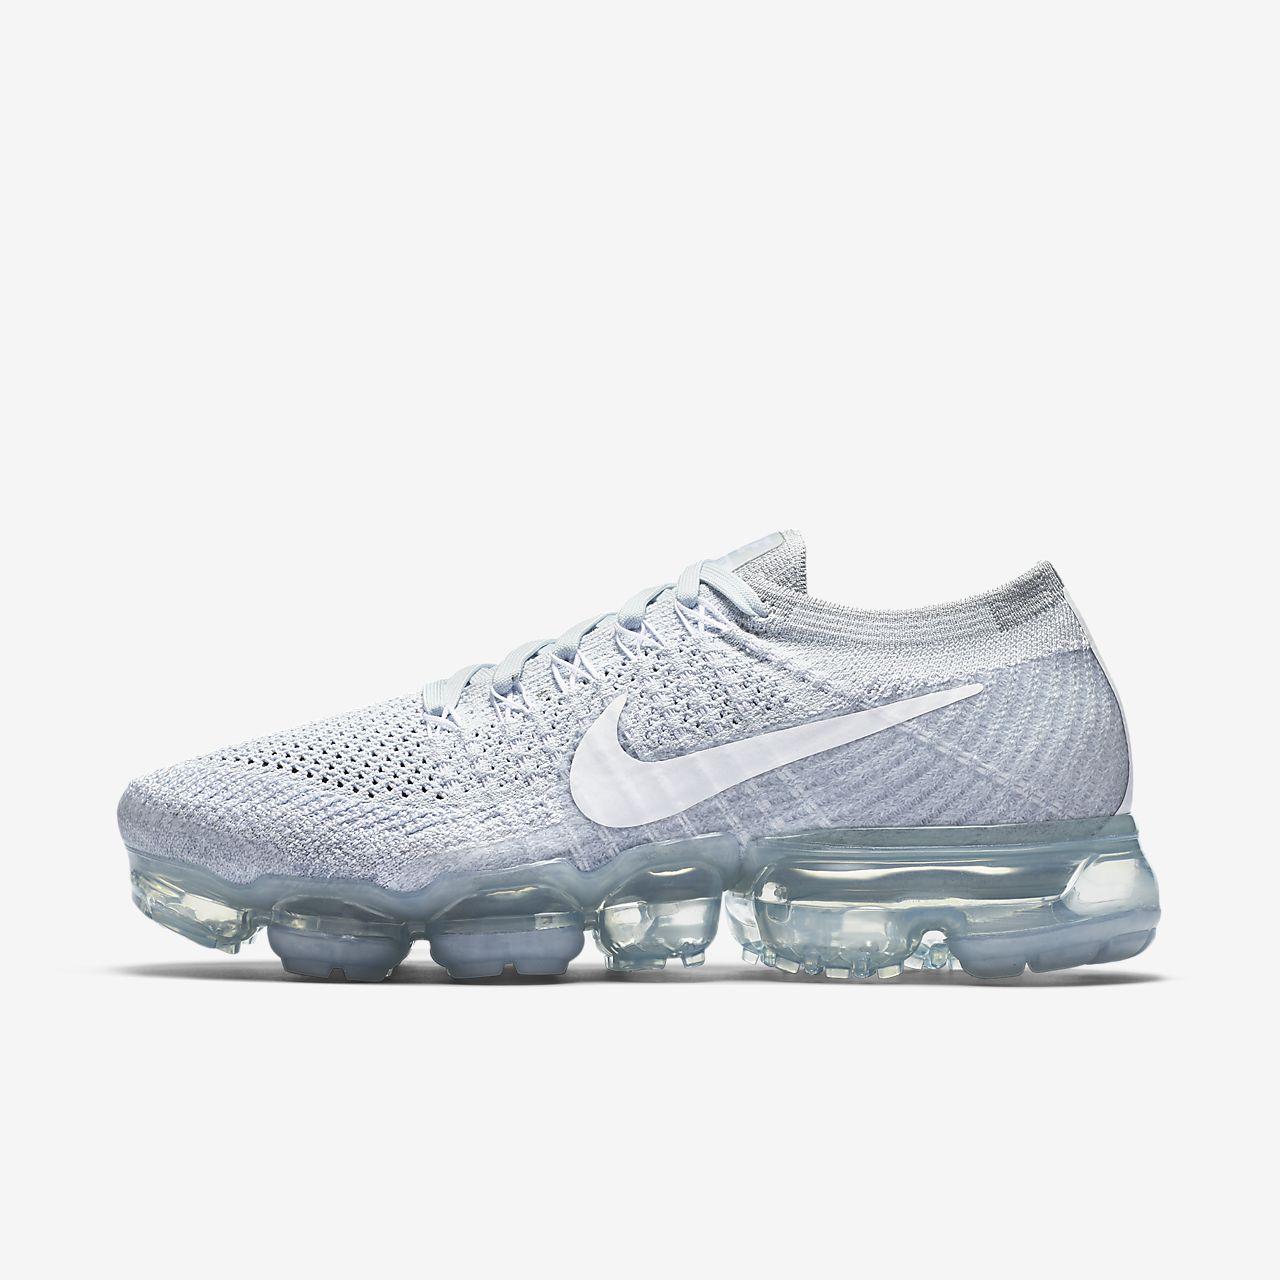 nike air vapormax flyknit chaussures de running pour femme